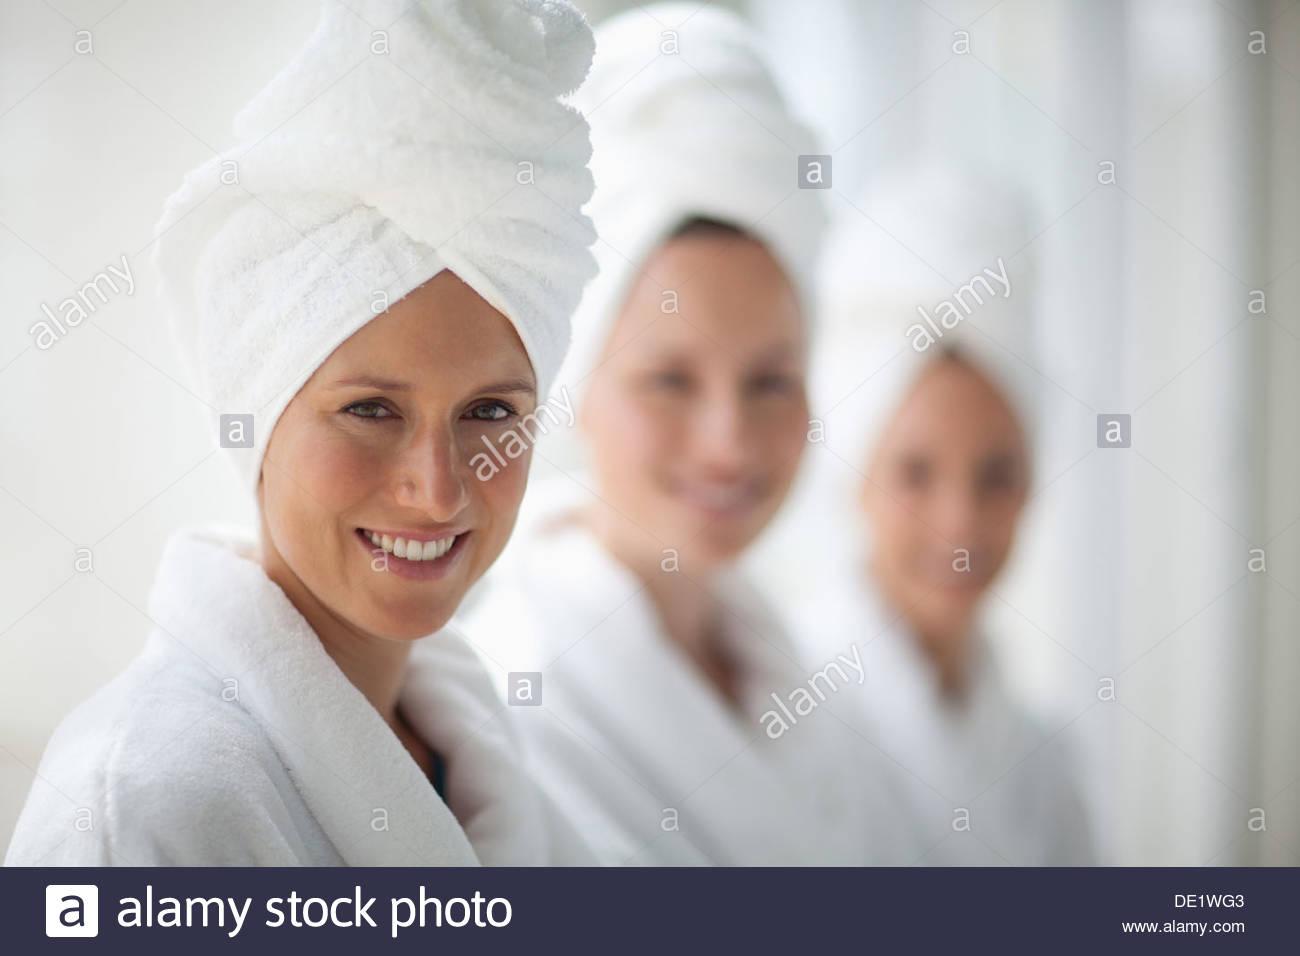 Retrato de mujer sonriente en batas y secador envuelto en toallas en spa Imagen De Stock